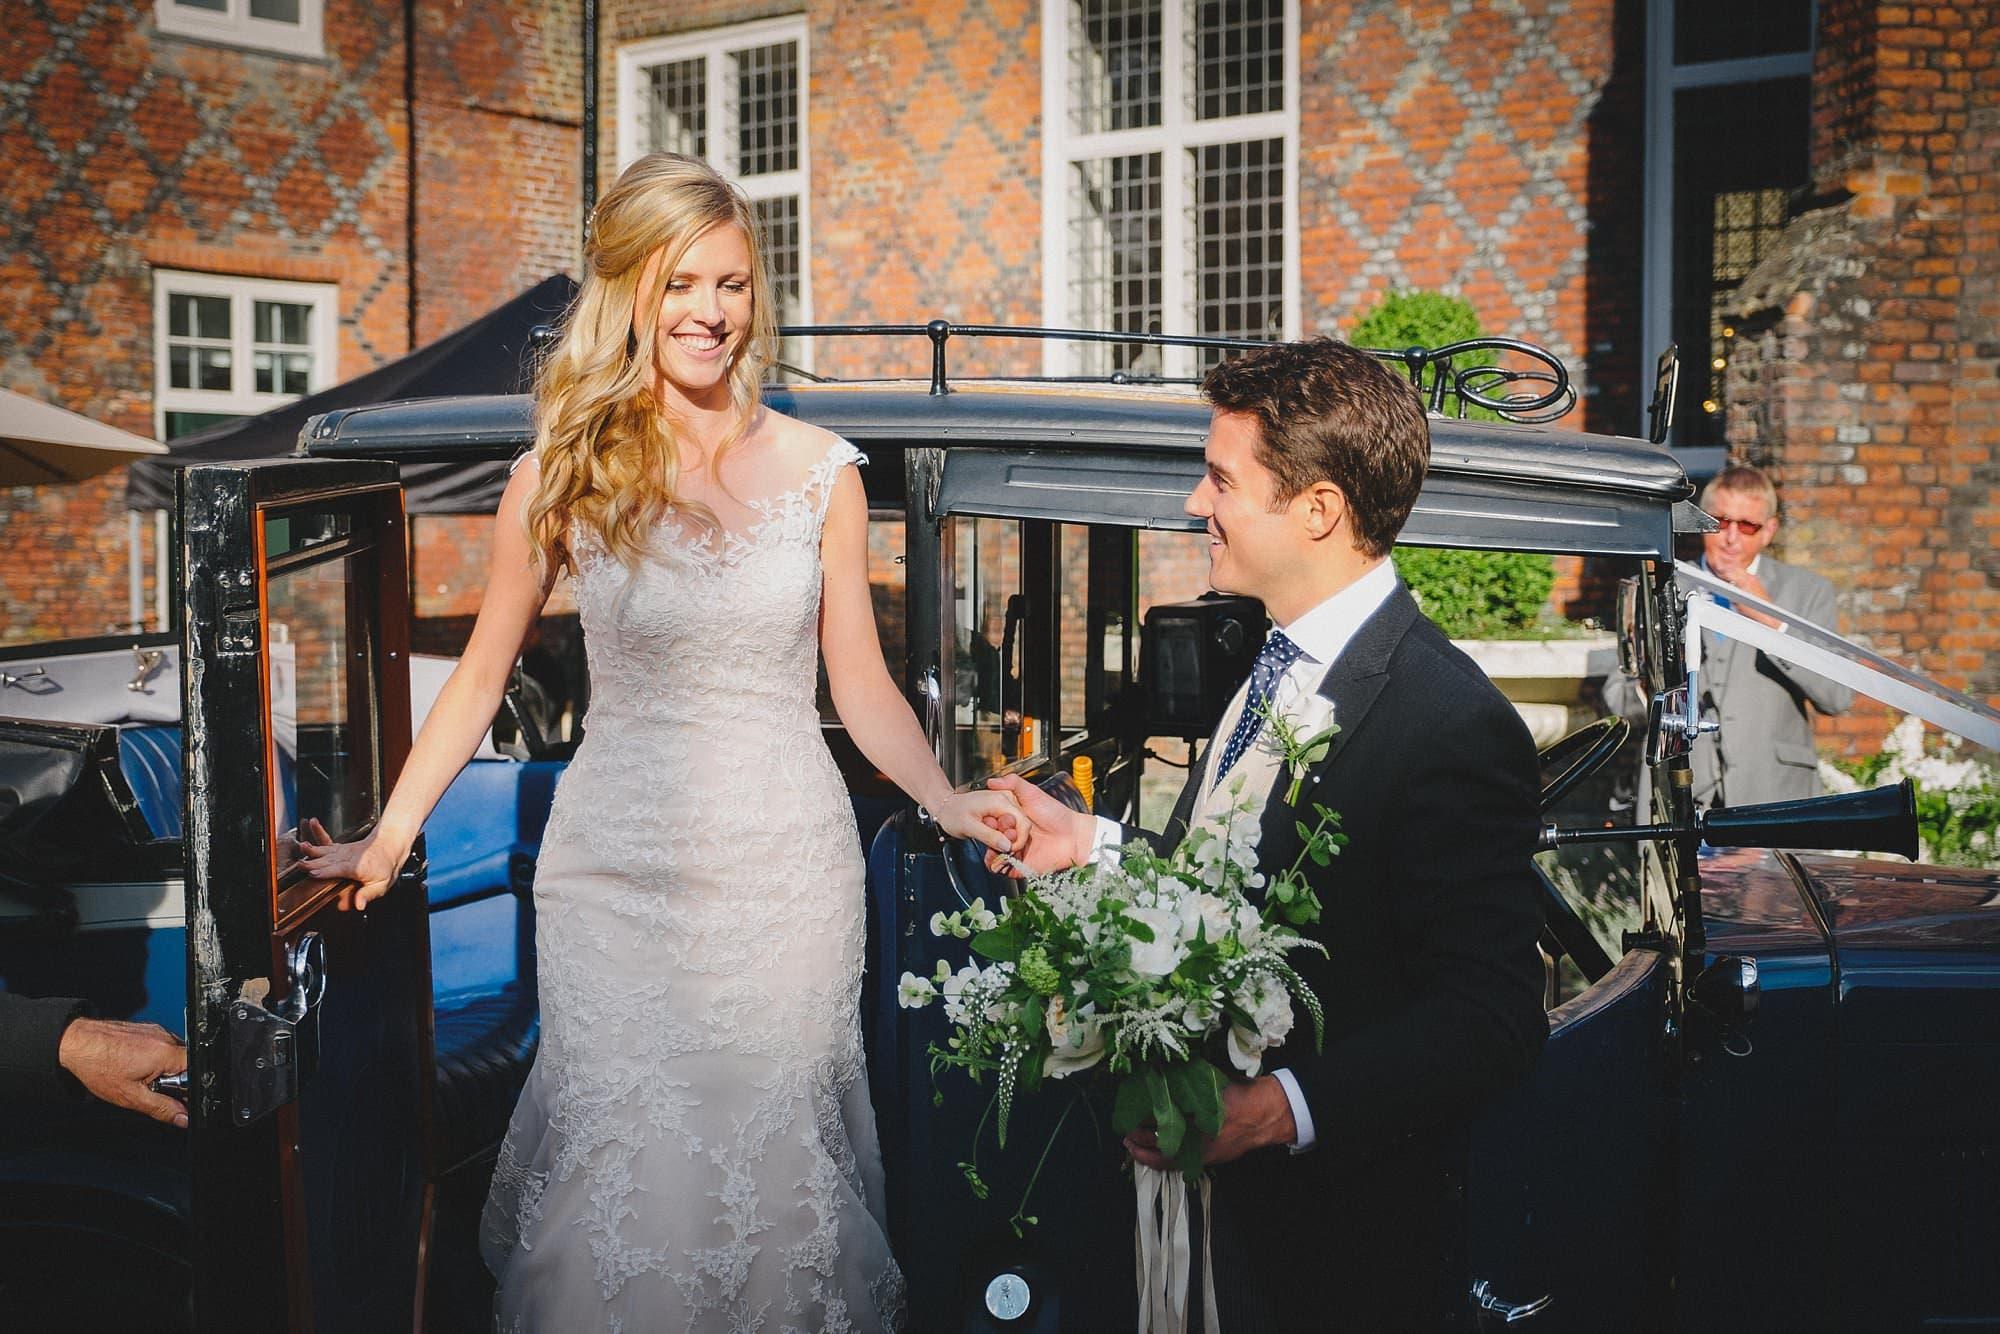 fulham palace wedding photographer 053 - Rosanna + Duncan | Fulham